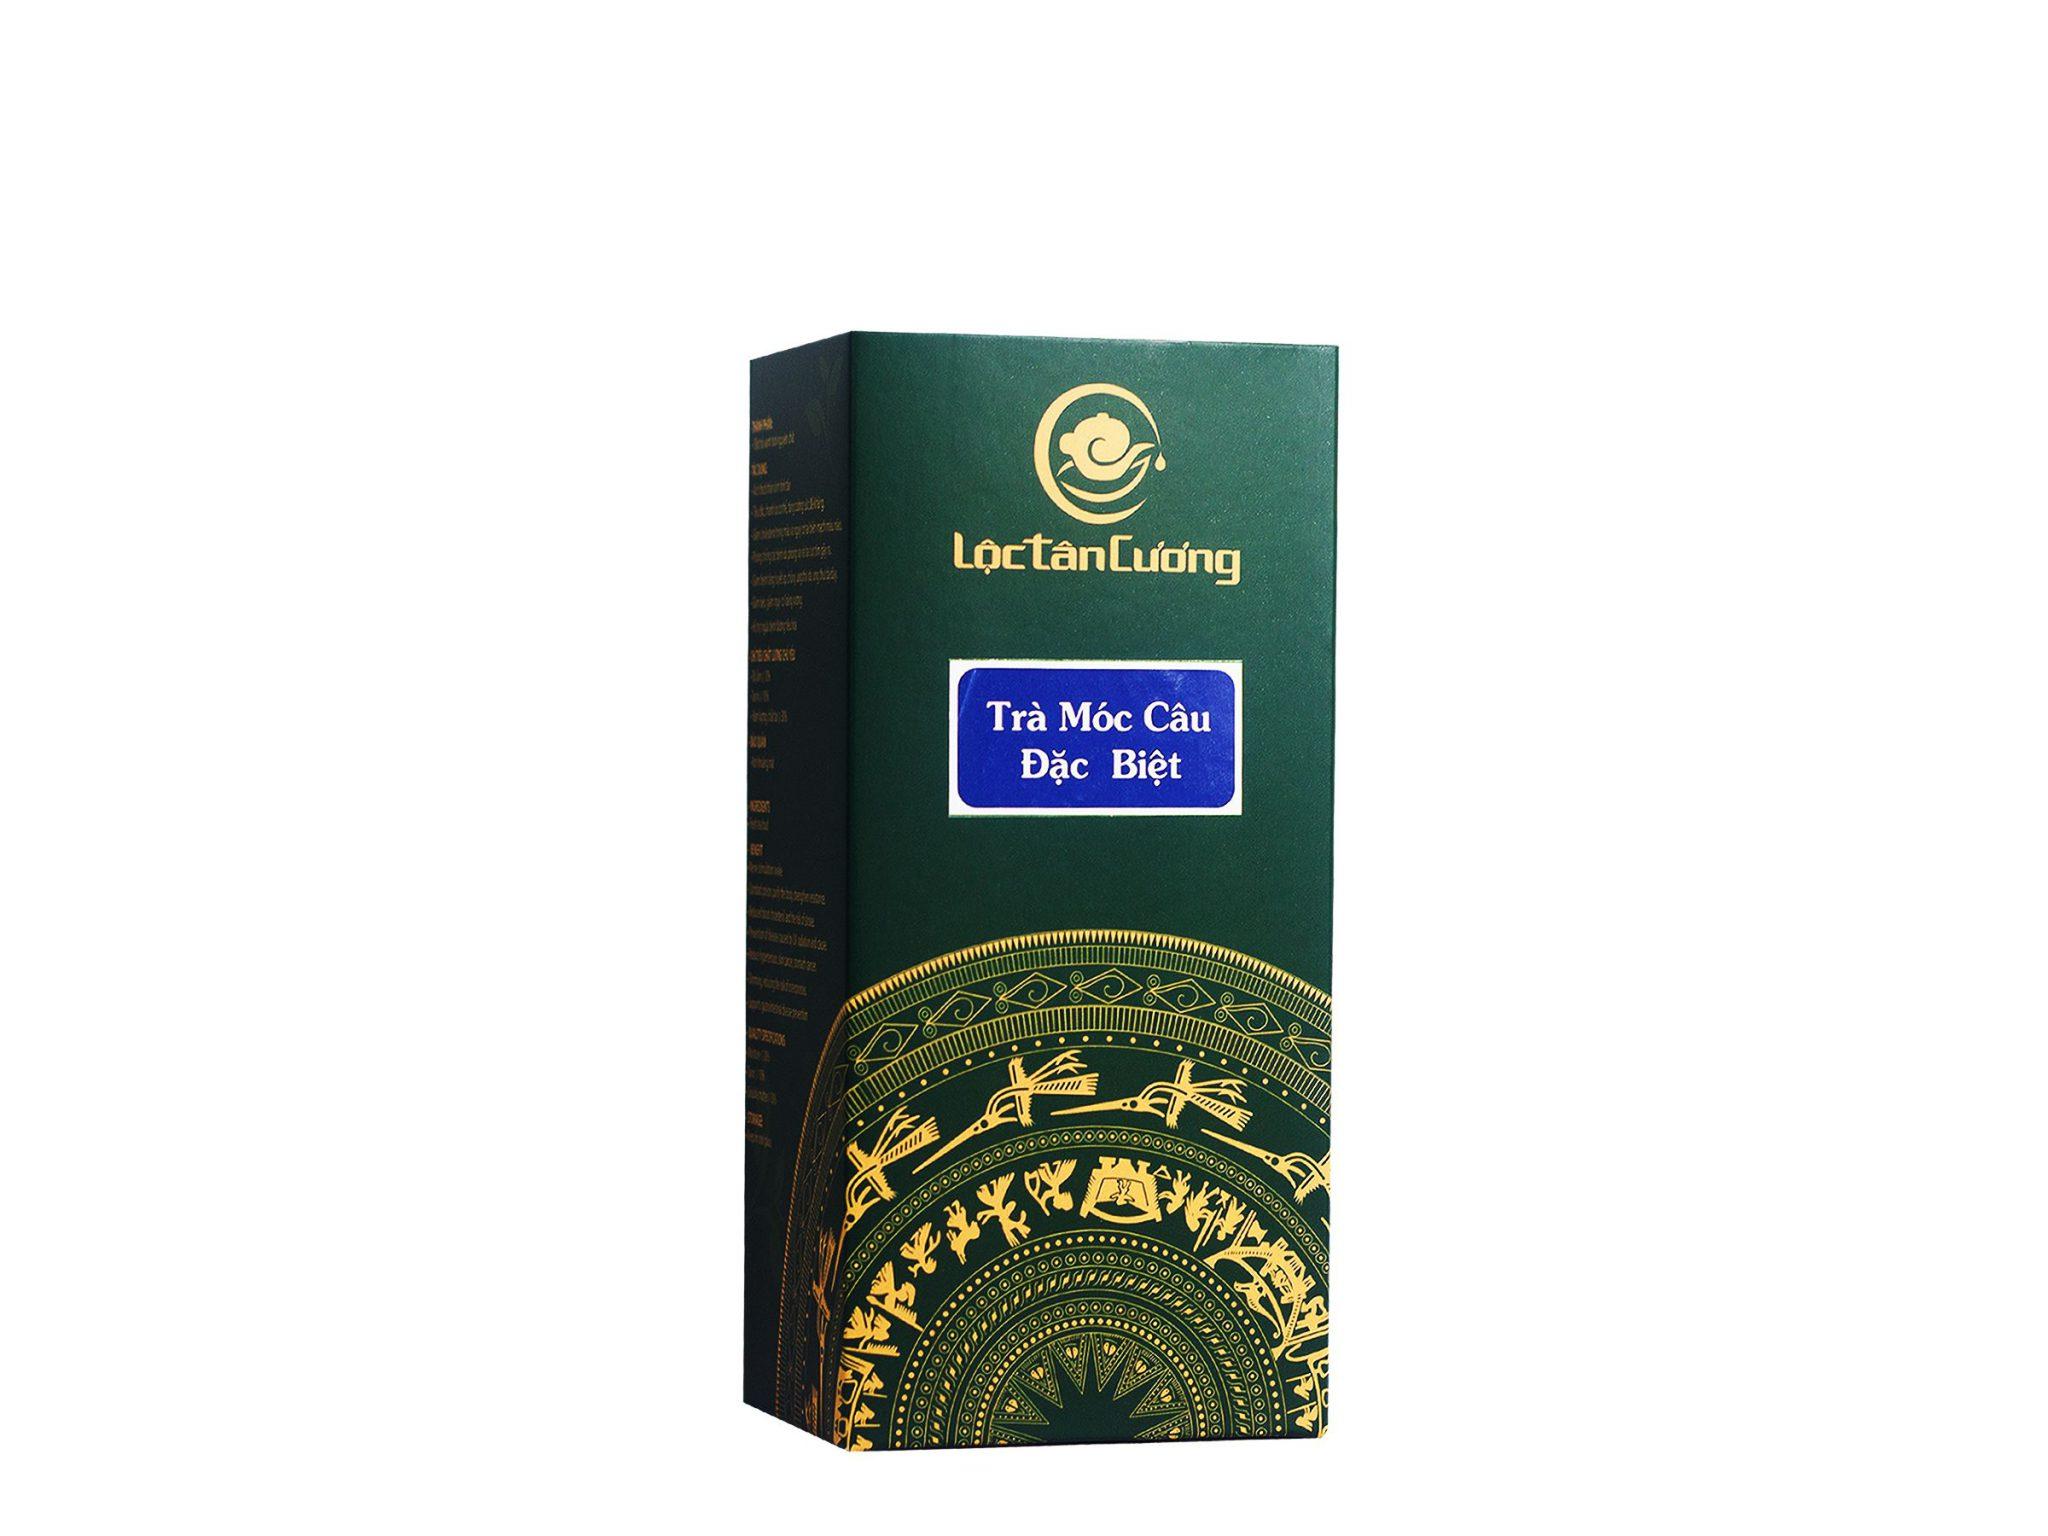 Trà móc câu thái nguyên 250gr được đóng gói trong túi thiếc PE hút chân không và được cho vào hộp giấy xanh sang trọng